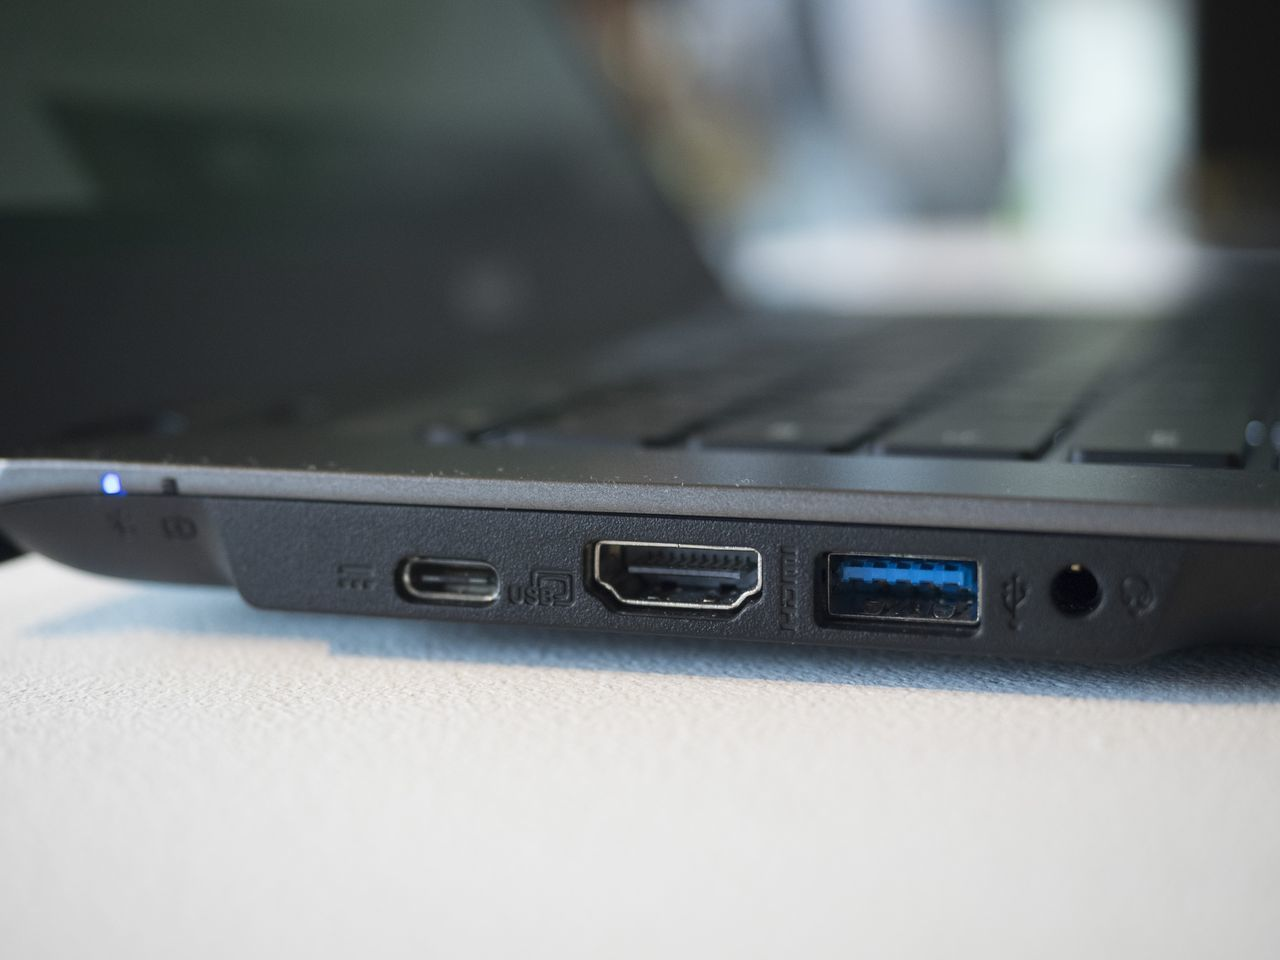 Next@Acer: Самый мощный игровой ноутбук с воздушным охлаждением, велокомпьютер, Chromebook для работы и другие новинки - 28